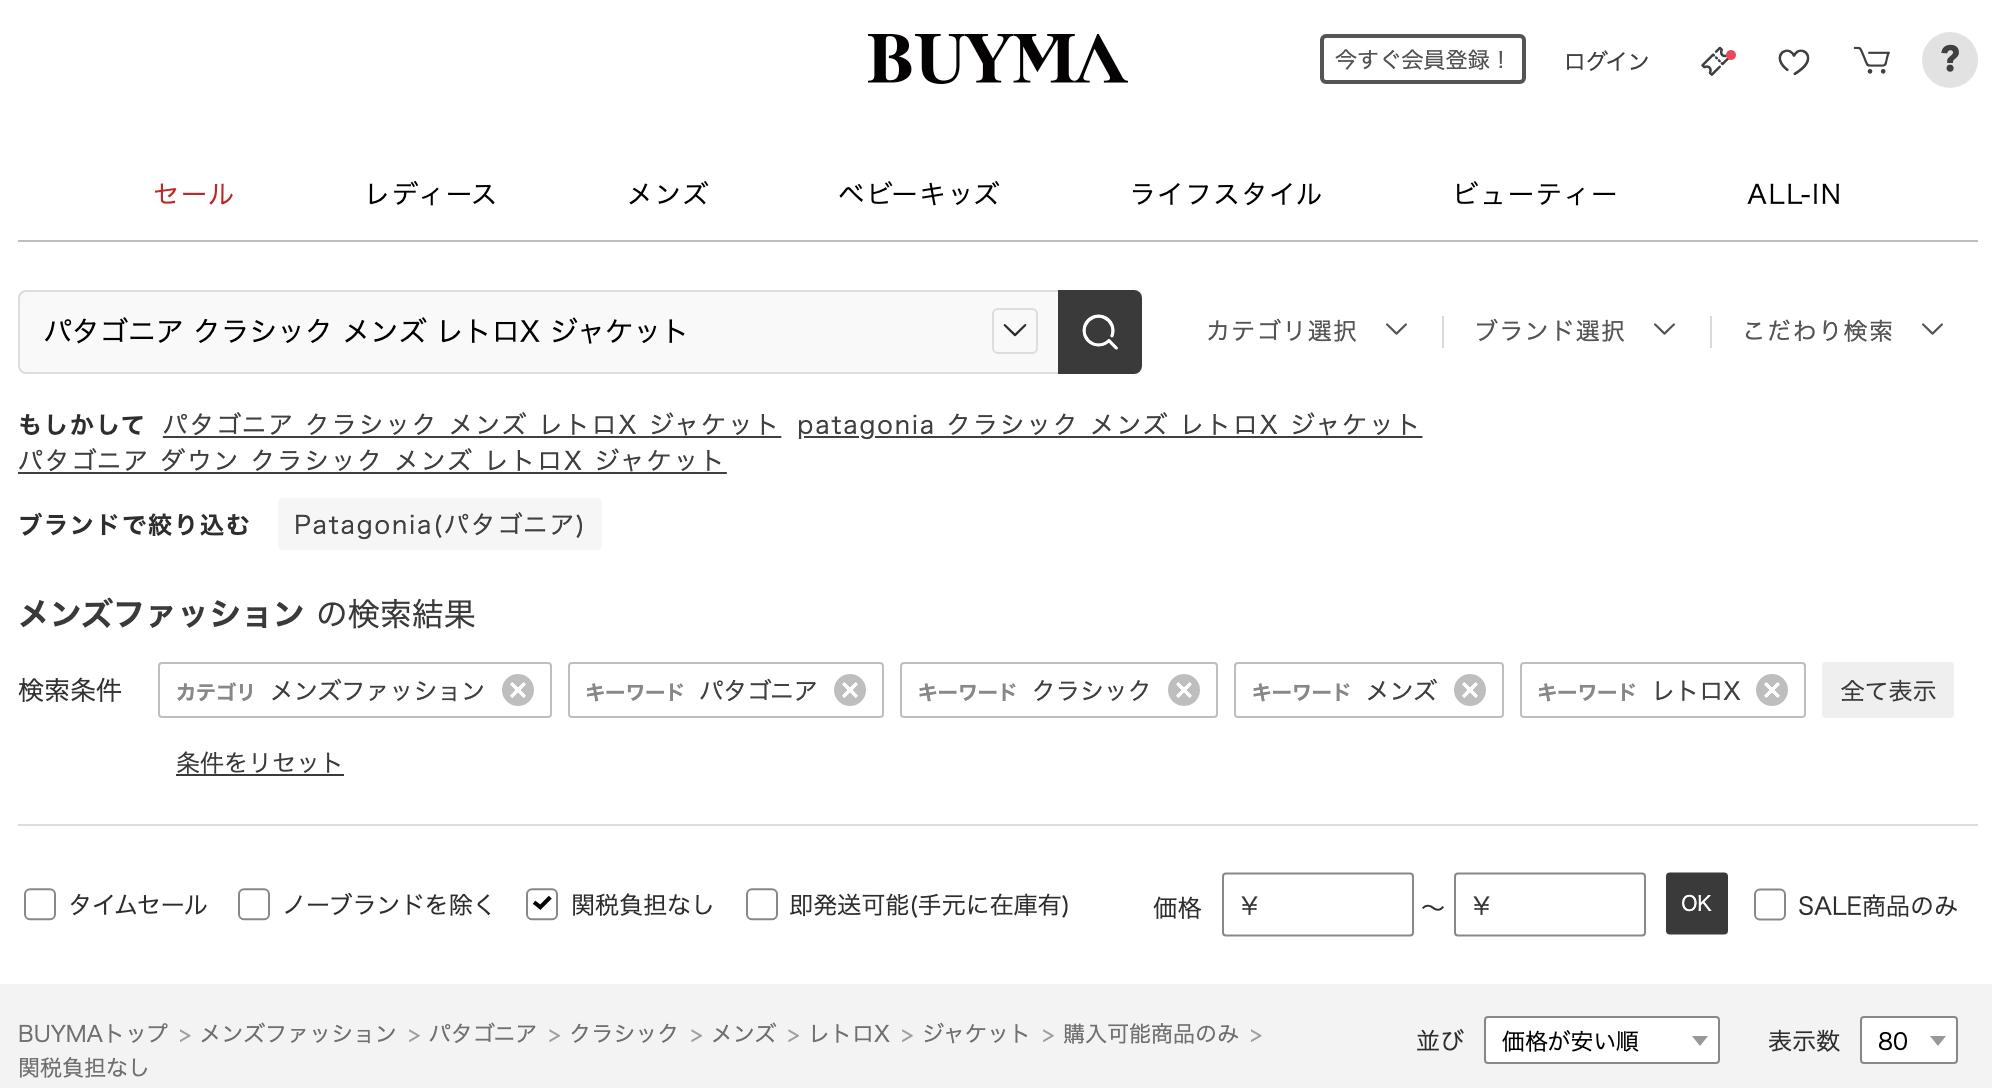 BUYMAで検索